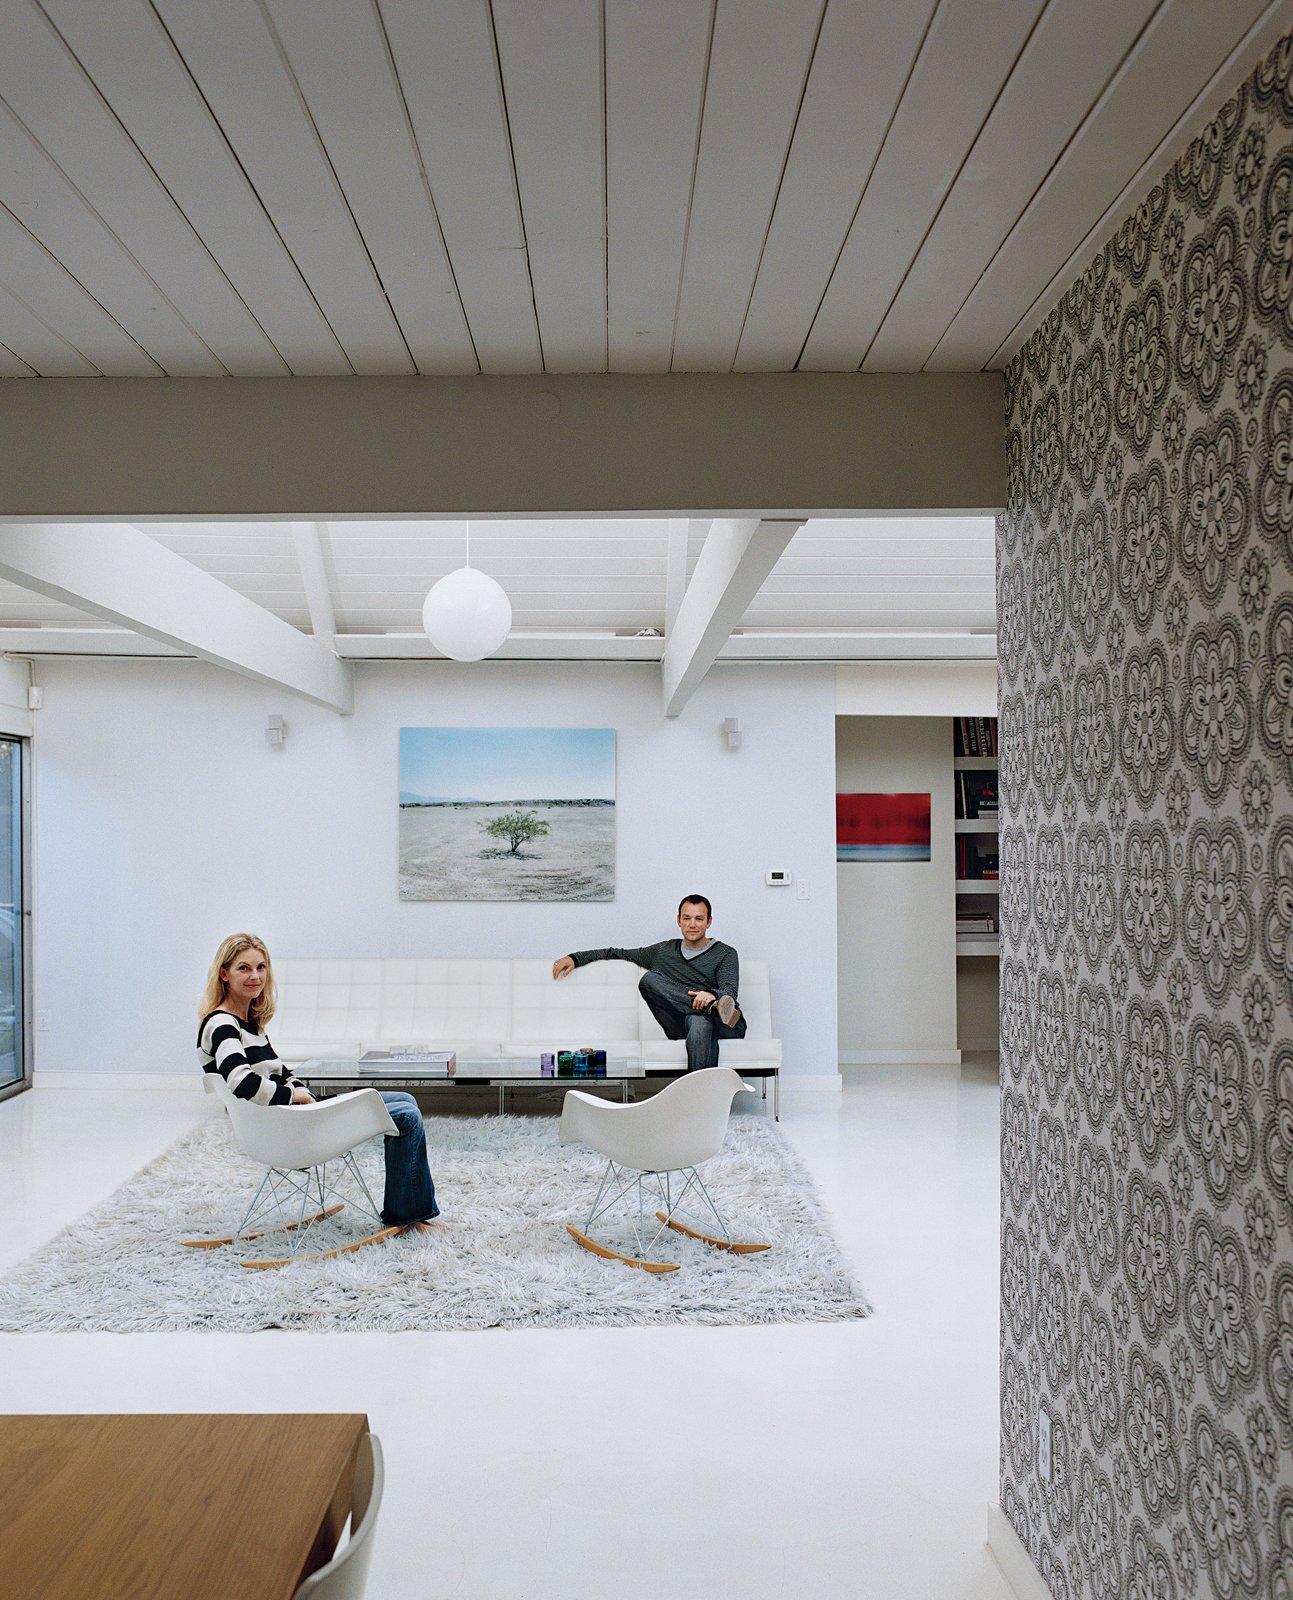 #midcenturymodern #Eames #HermanMiller #rockingchair #pattern #white #wallpaper #RobertRummer #Portland #Oregon